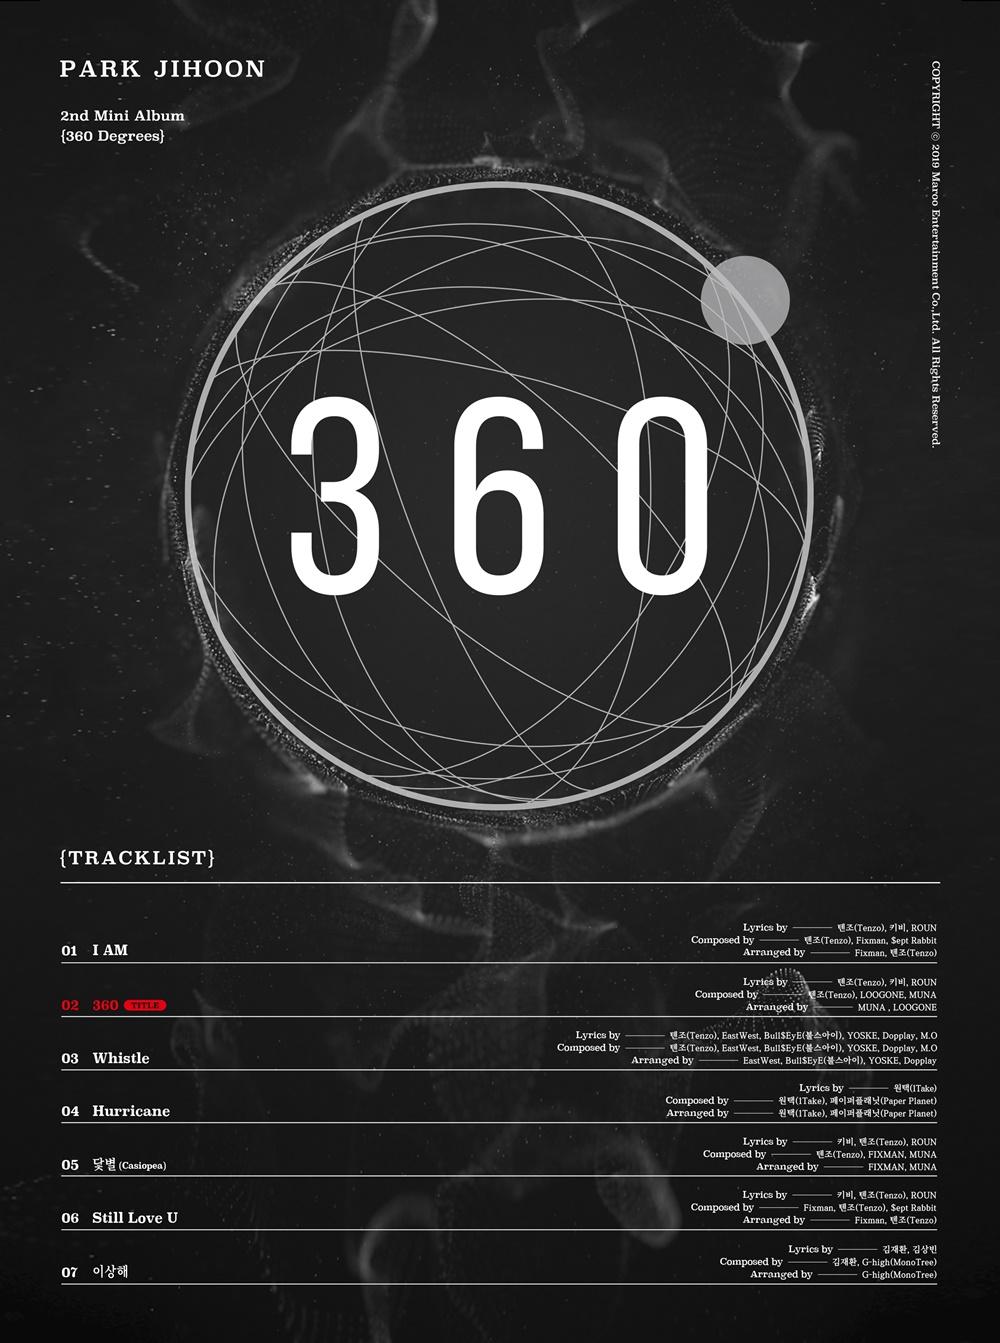 (1128) 박지훈 미니 2집 _360_ 트랙리스트 이미지.jpg